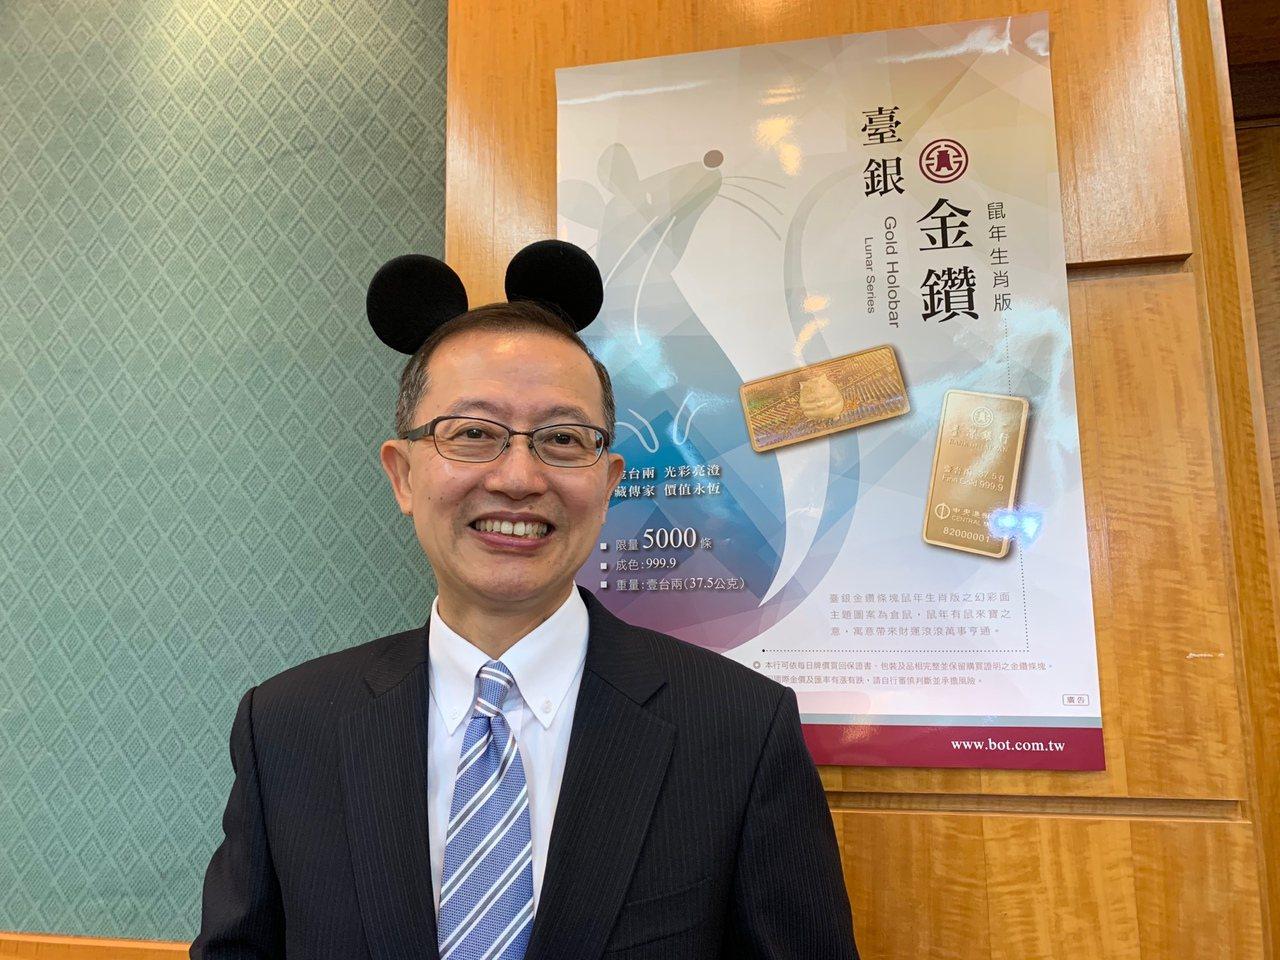 台灣投資人在今年金價上漲之後開始回售,台灣銀行貴金屬部副理楊天立表示,就定期定額...